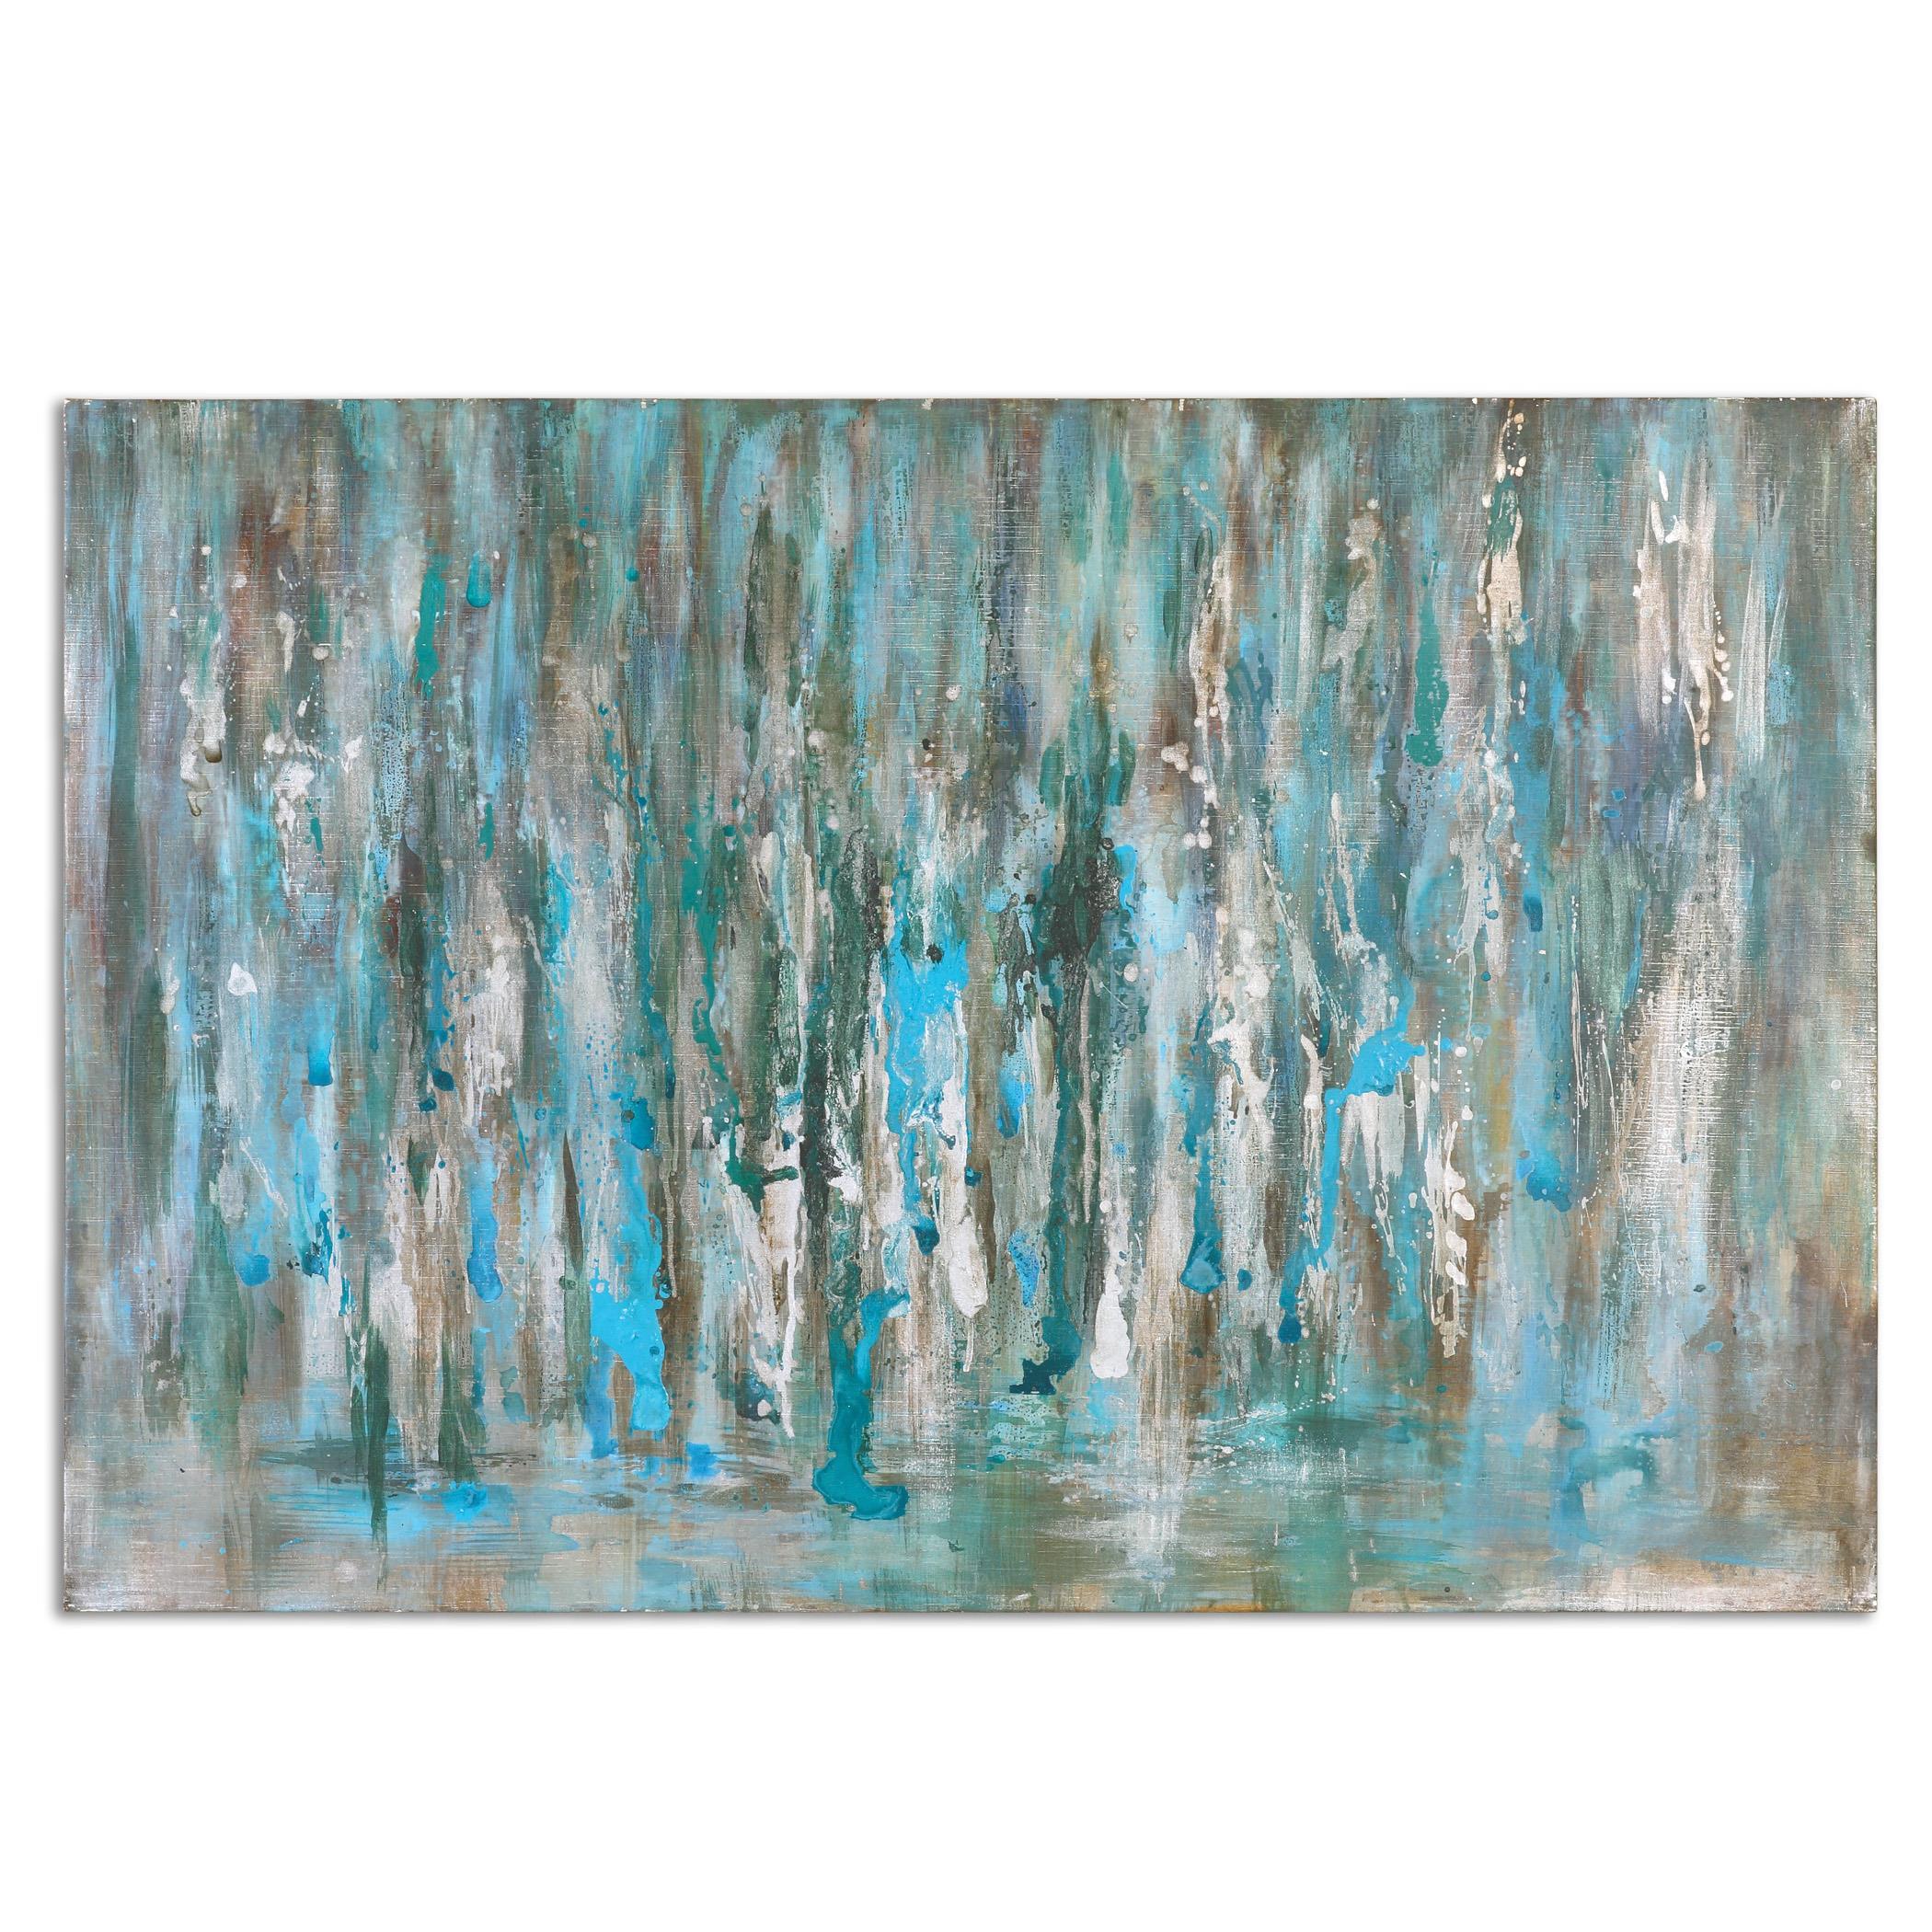 Uttermost Art Cascades Modern Art - Item Number: 34298